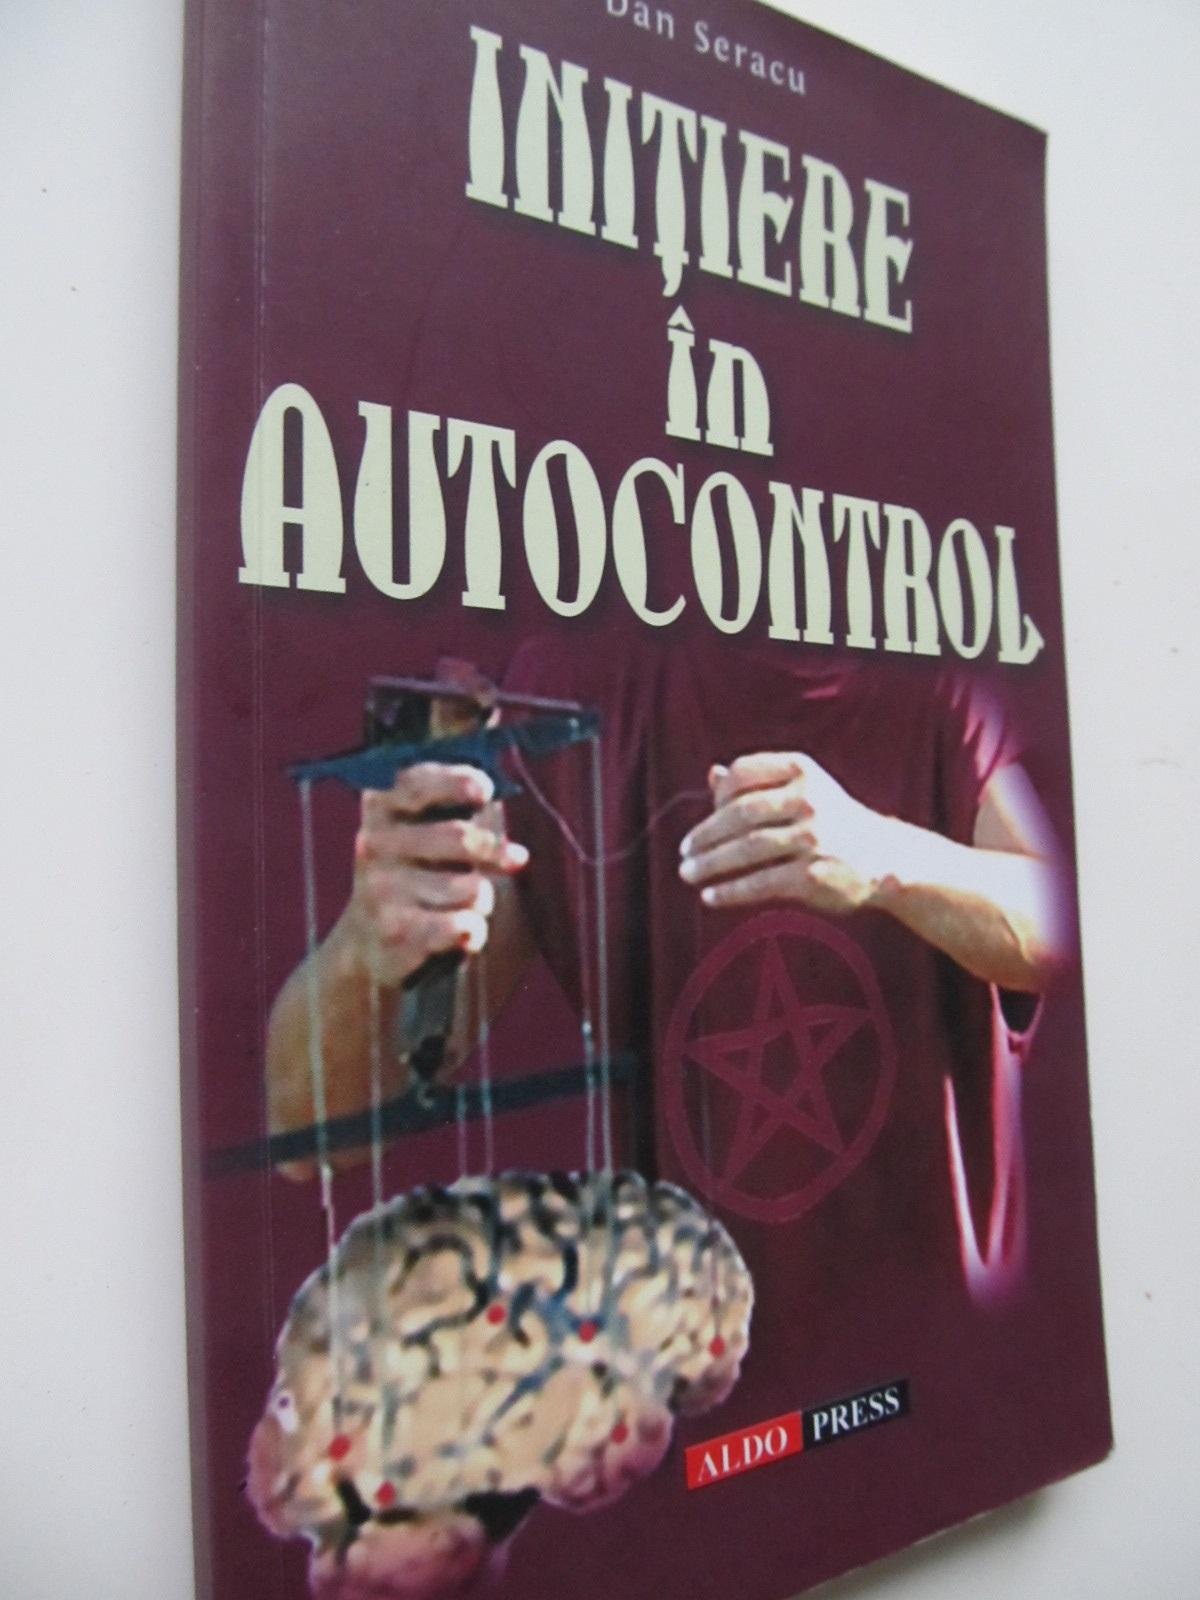 Initiere in autocontrol - Dan Seracu   Detalii carte